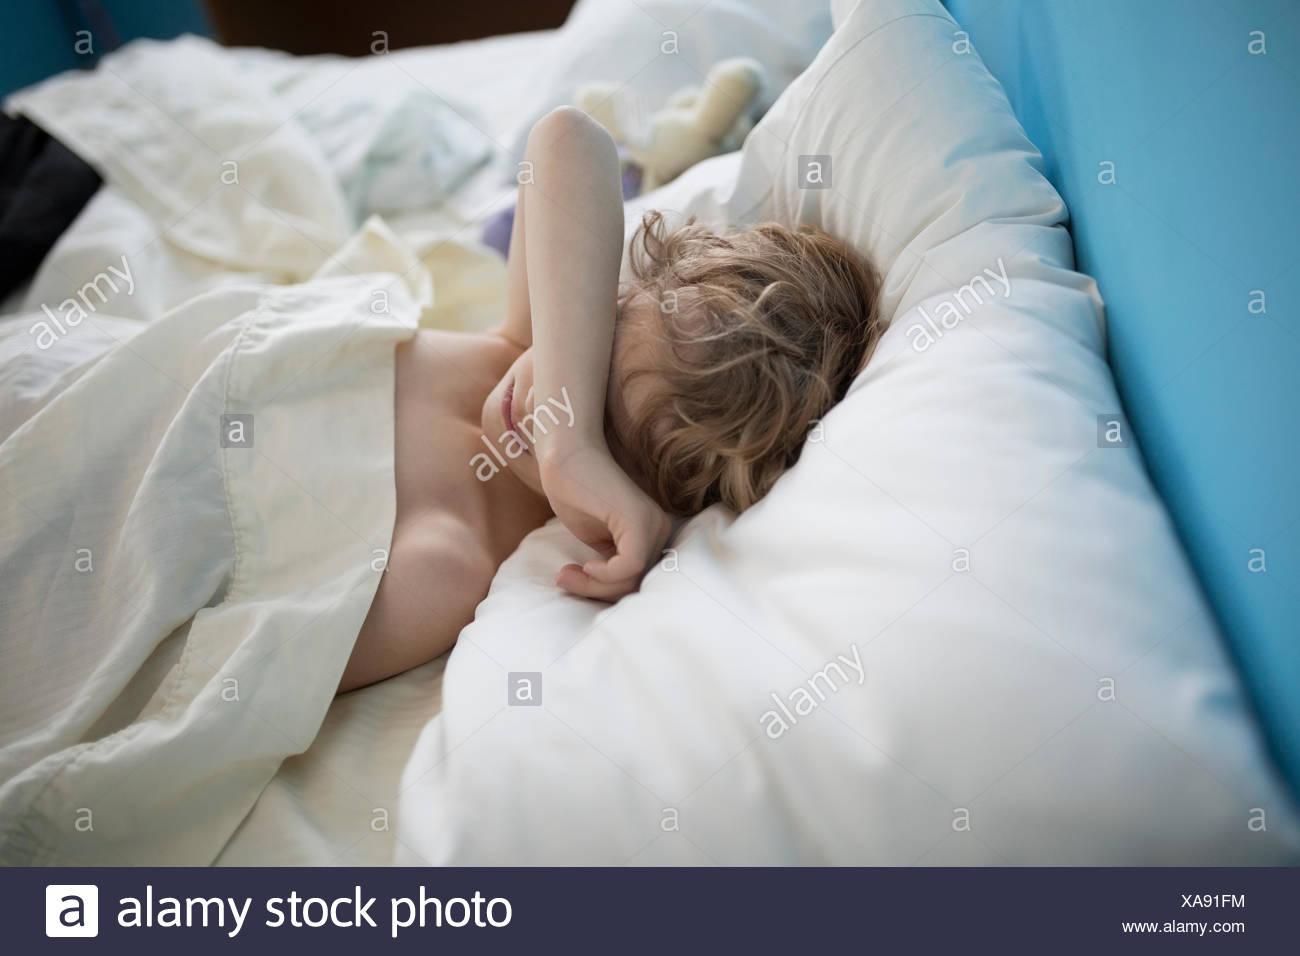 Stanco bambino addormentato con il braccio sopra gli occhi Immagini Stock